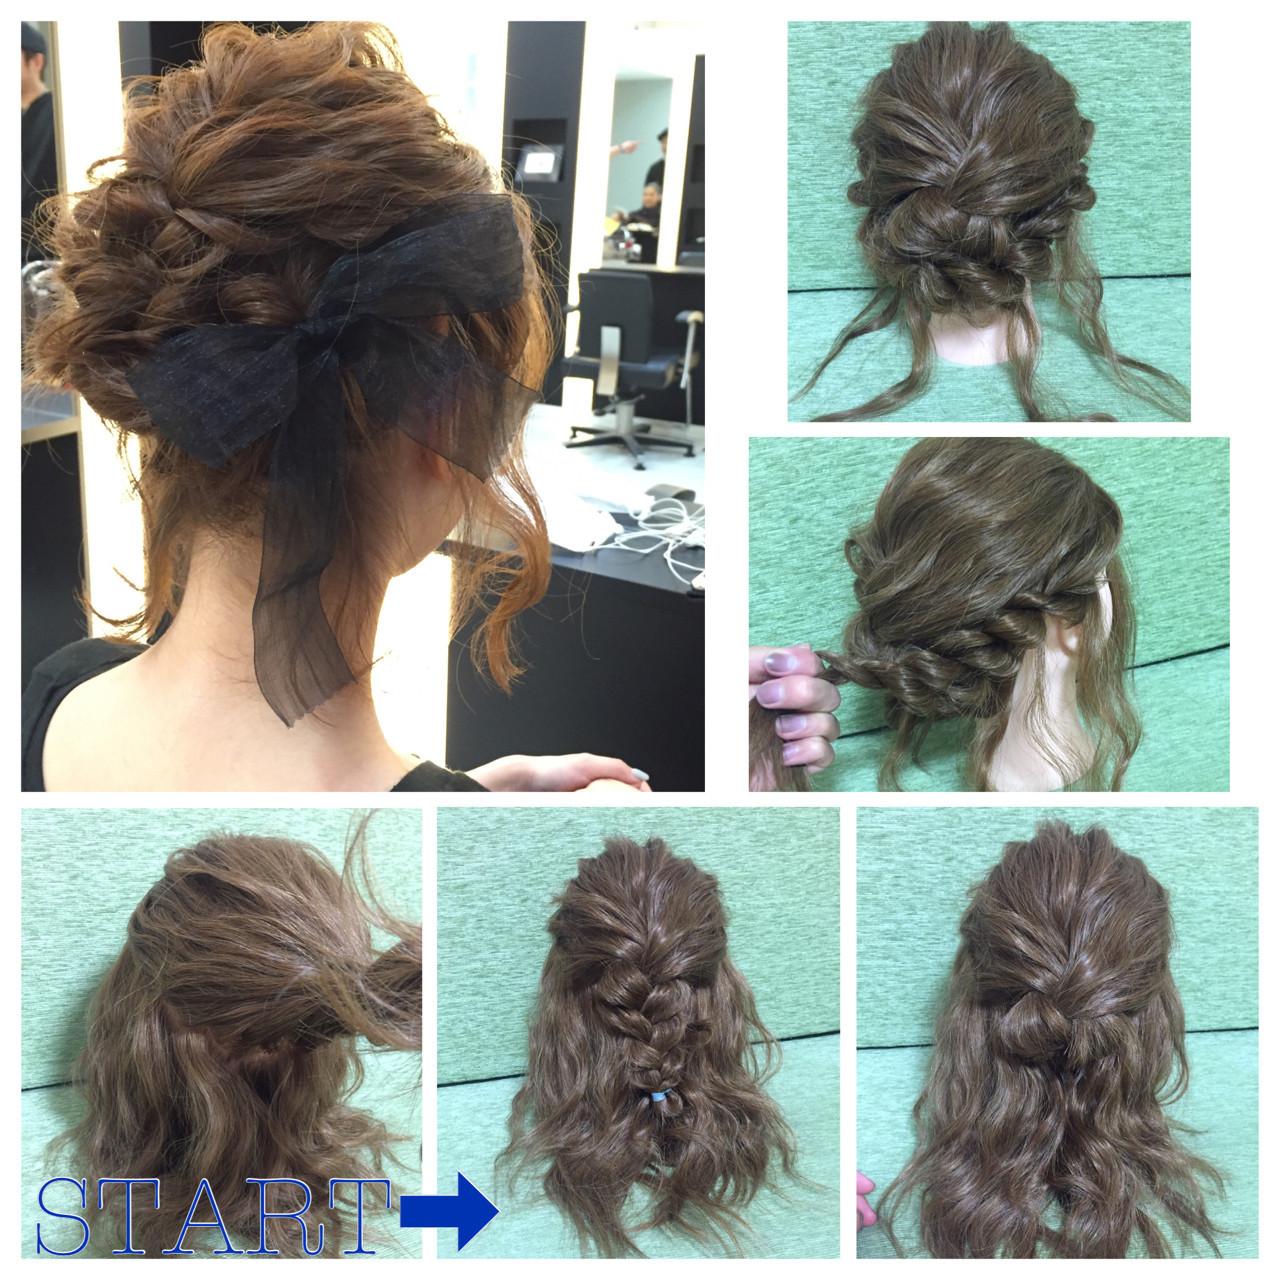 ガーリー 三つ編み ヘアアレンジ 編み込み ヘアスタイルや髪型の写真・画像